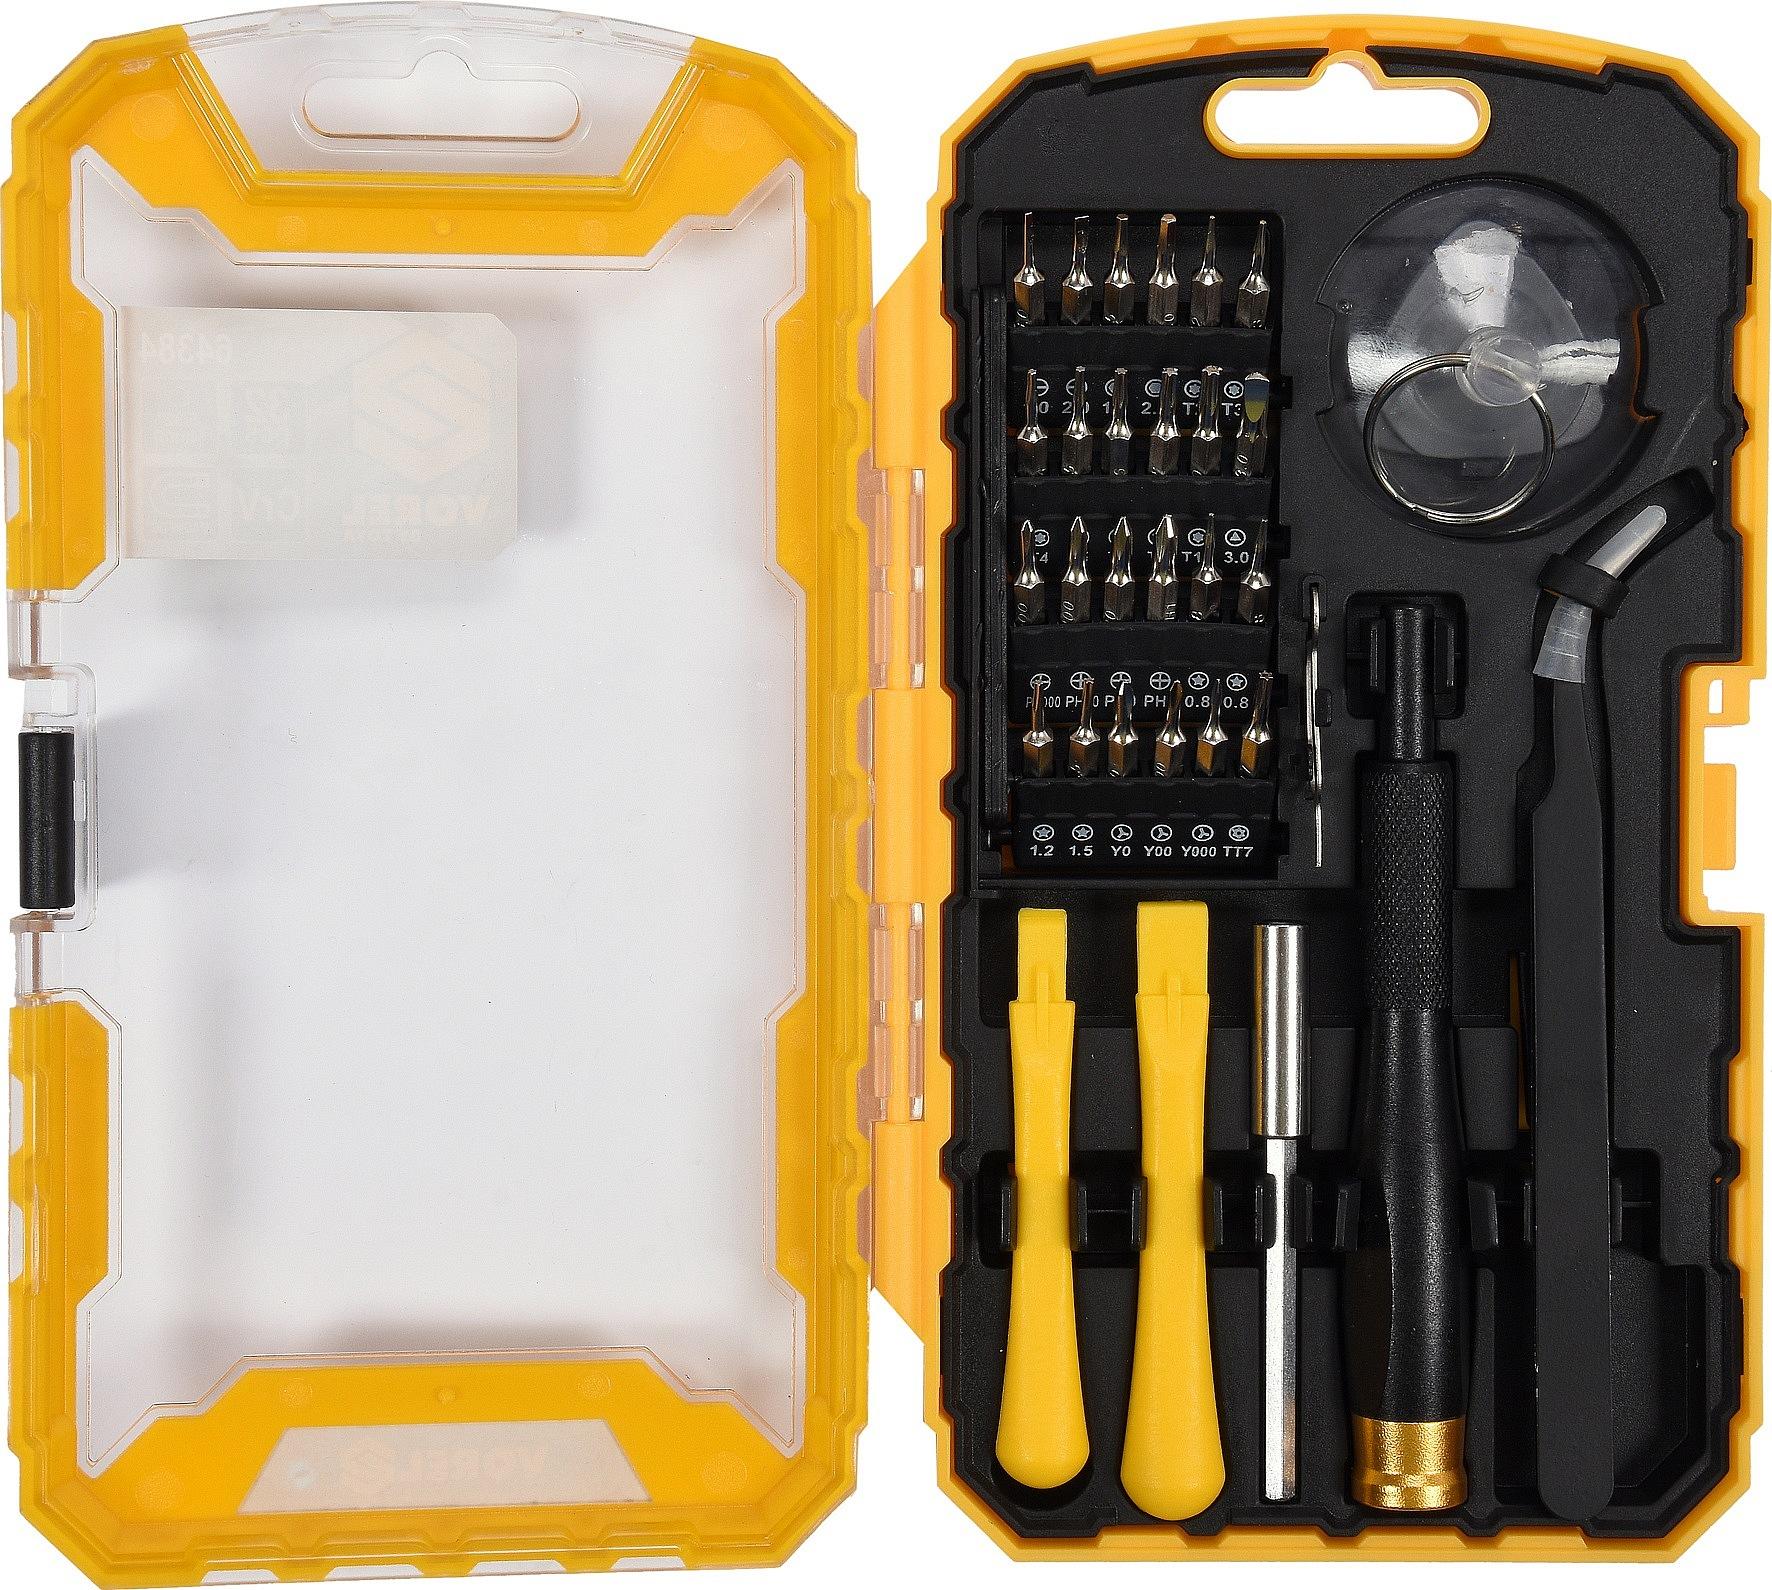 Šroubovák s nástavci a nástroji pro mobilní telefony sada 32ks, VOREL